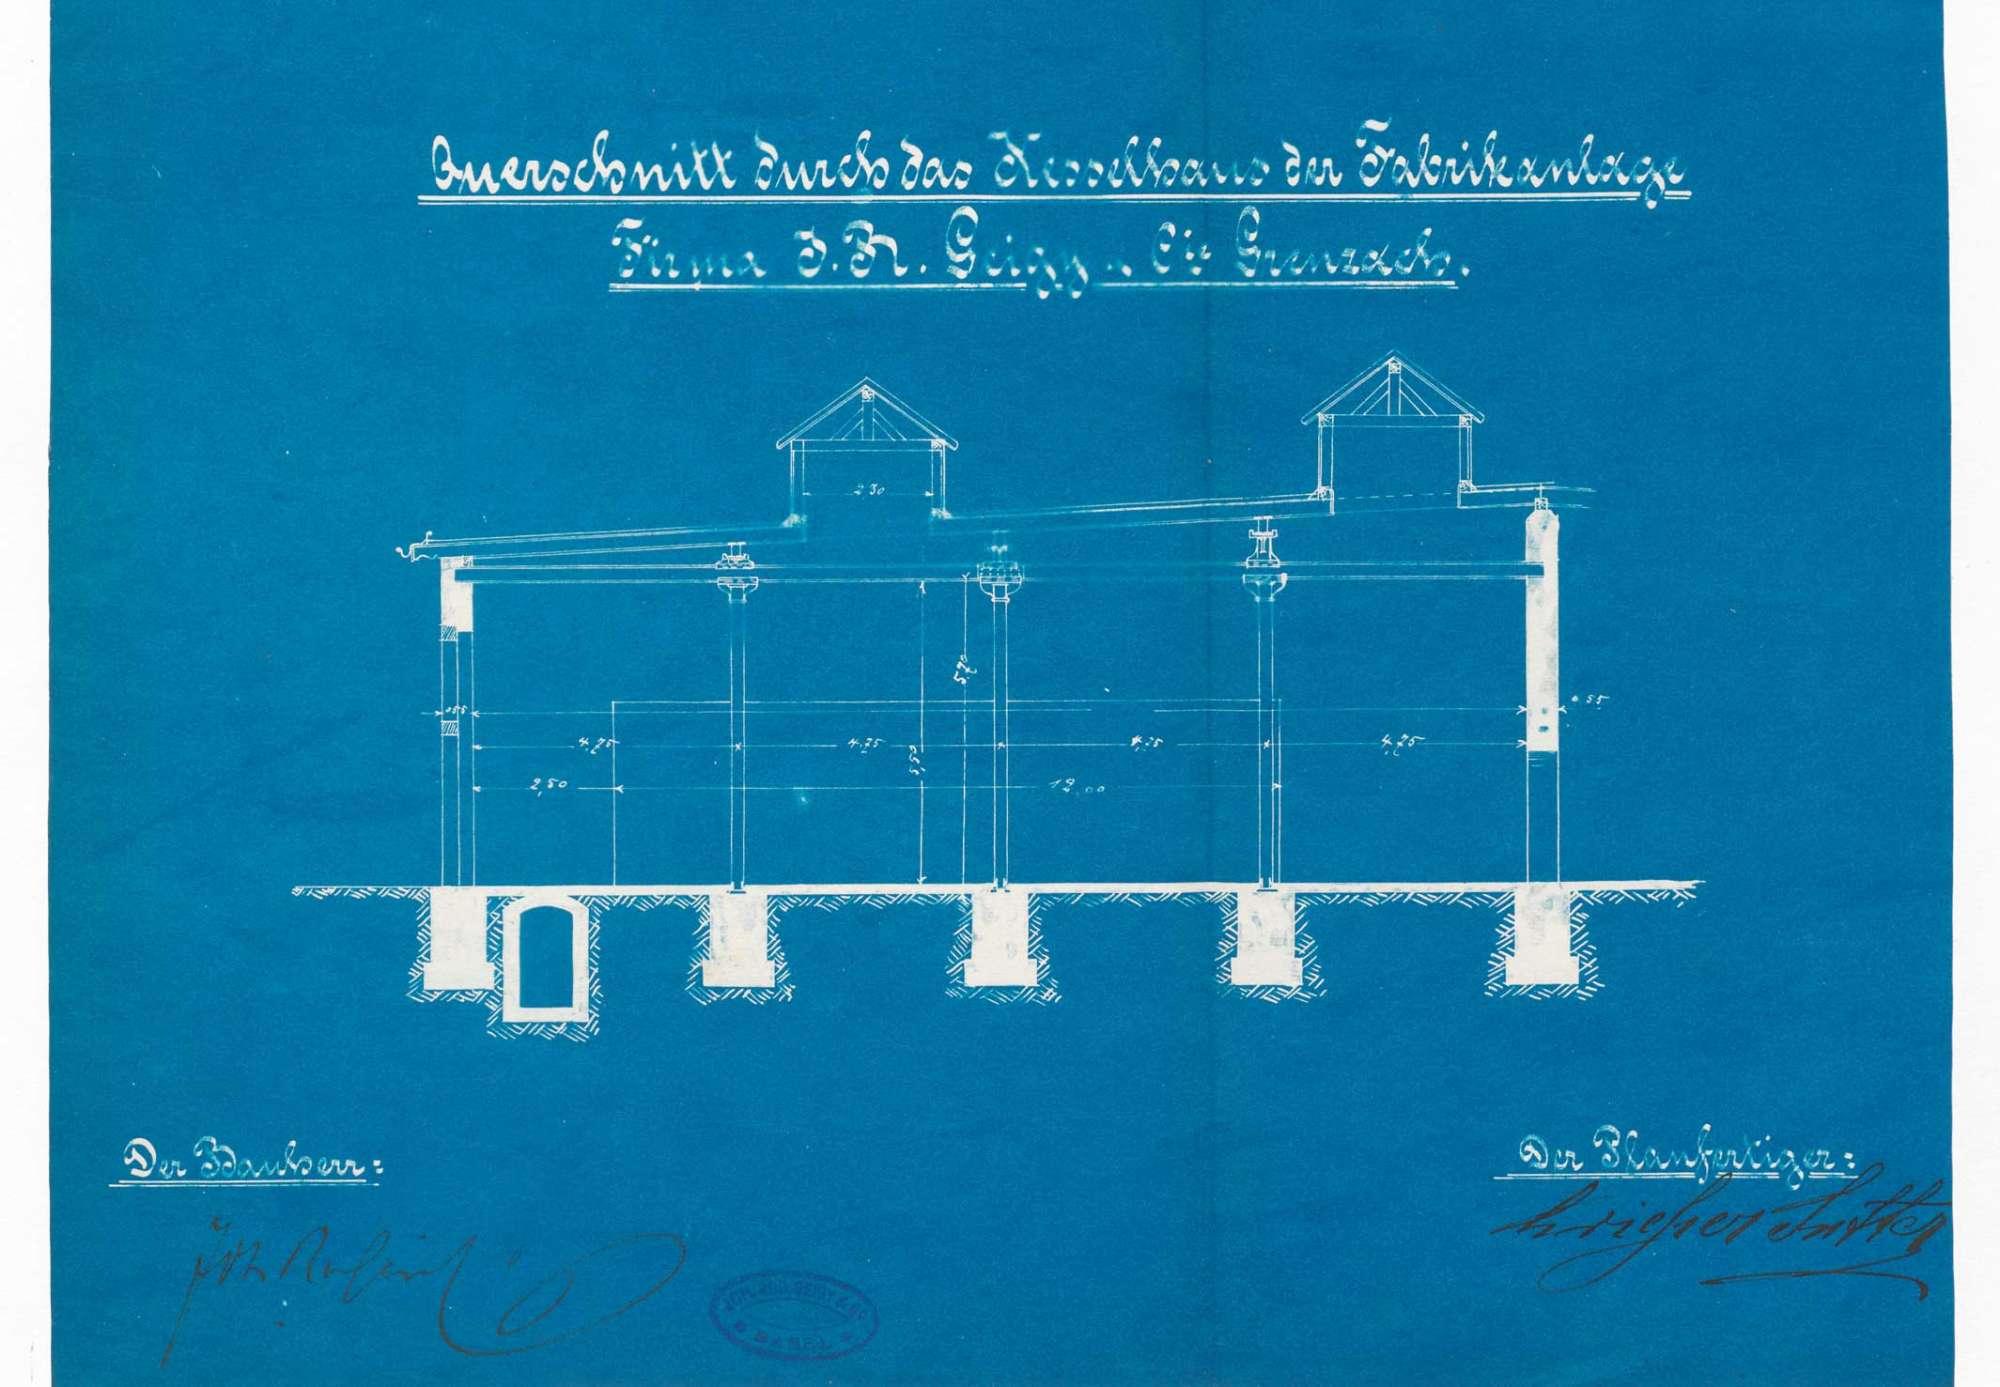 Gesuch der Fa. J. R. Geigy AG in Grenzach um Erlaubnis zur Anlegung bzw. Veränderung zweier Dampfkessel, Bild 3